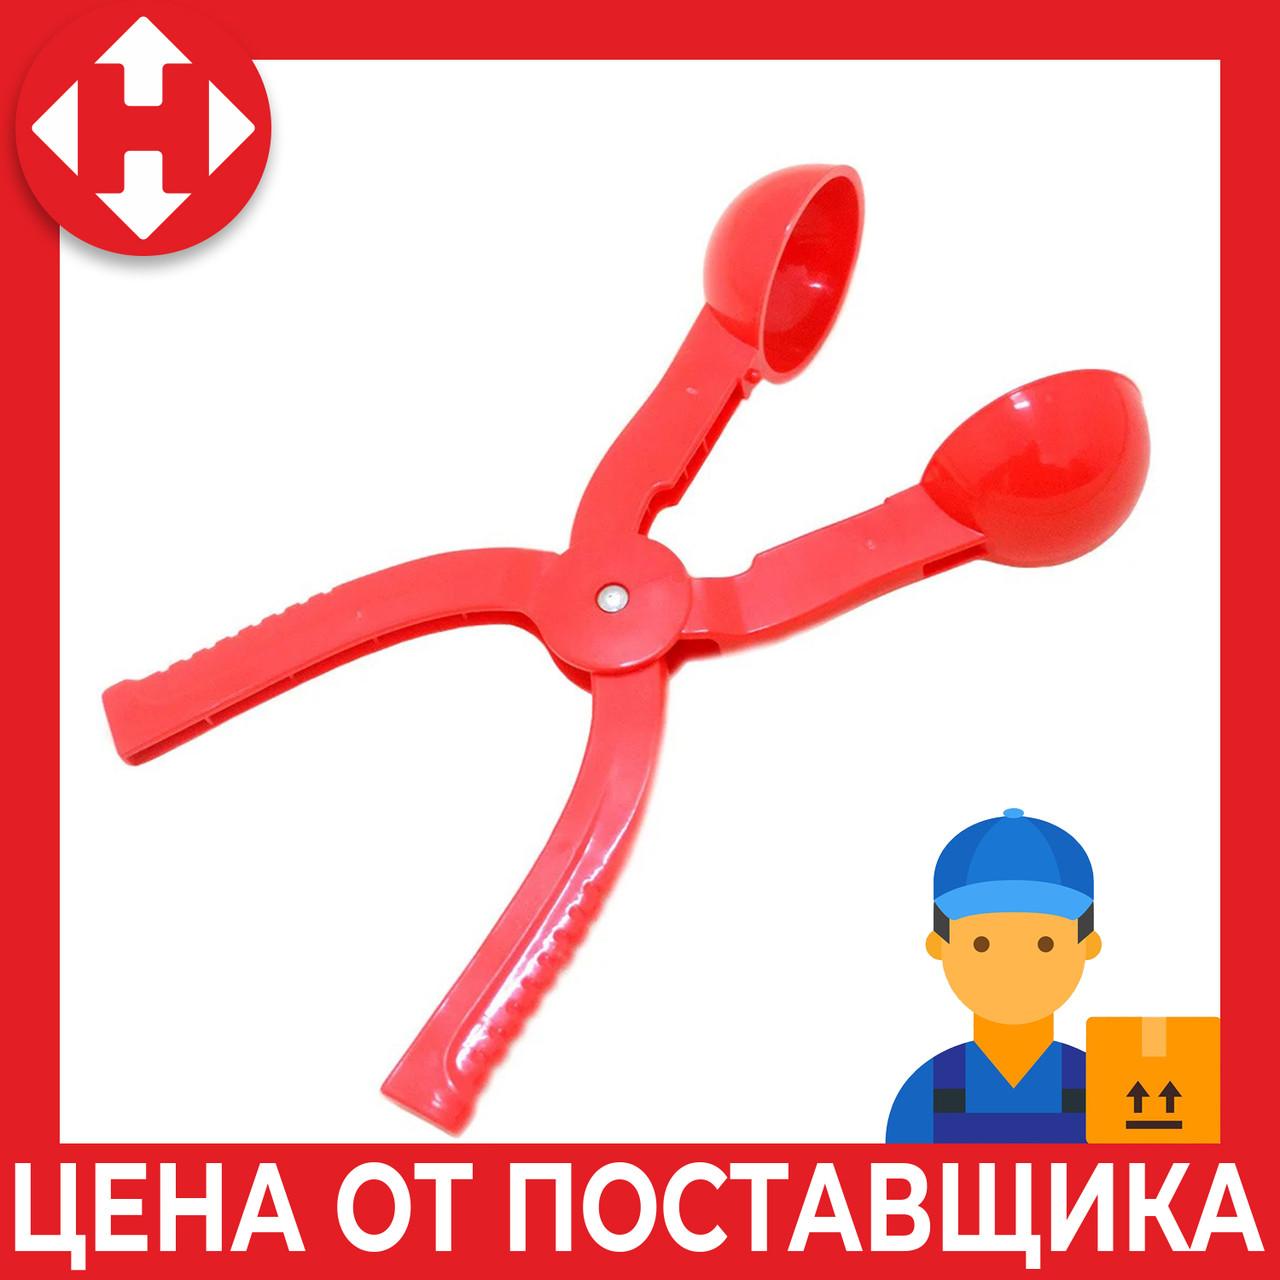 Распродажа! Щипцы для снежков, снежколеп, цвет - Красный, сніжколіп (доставка по Украине)